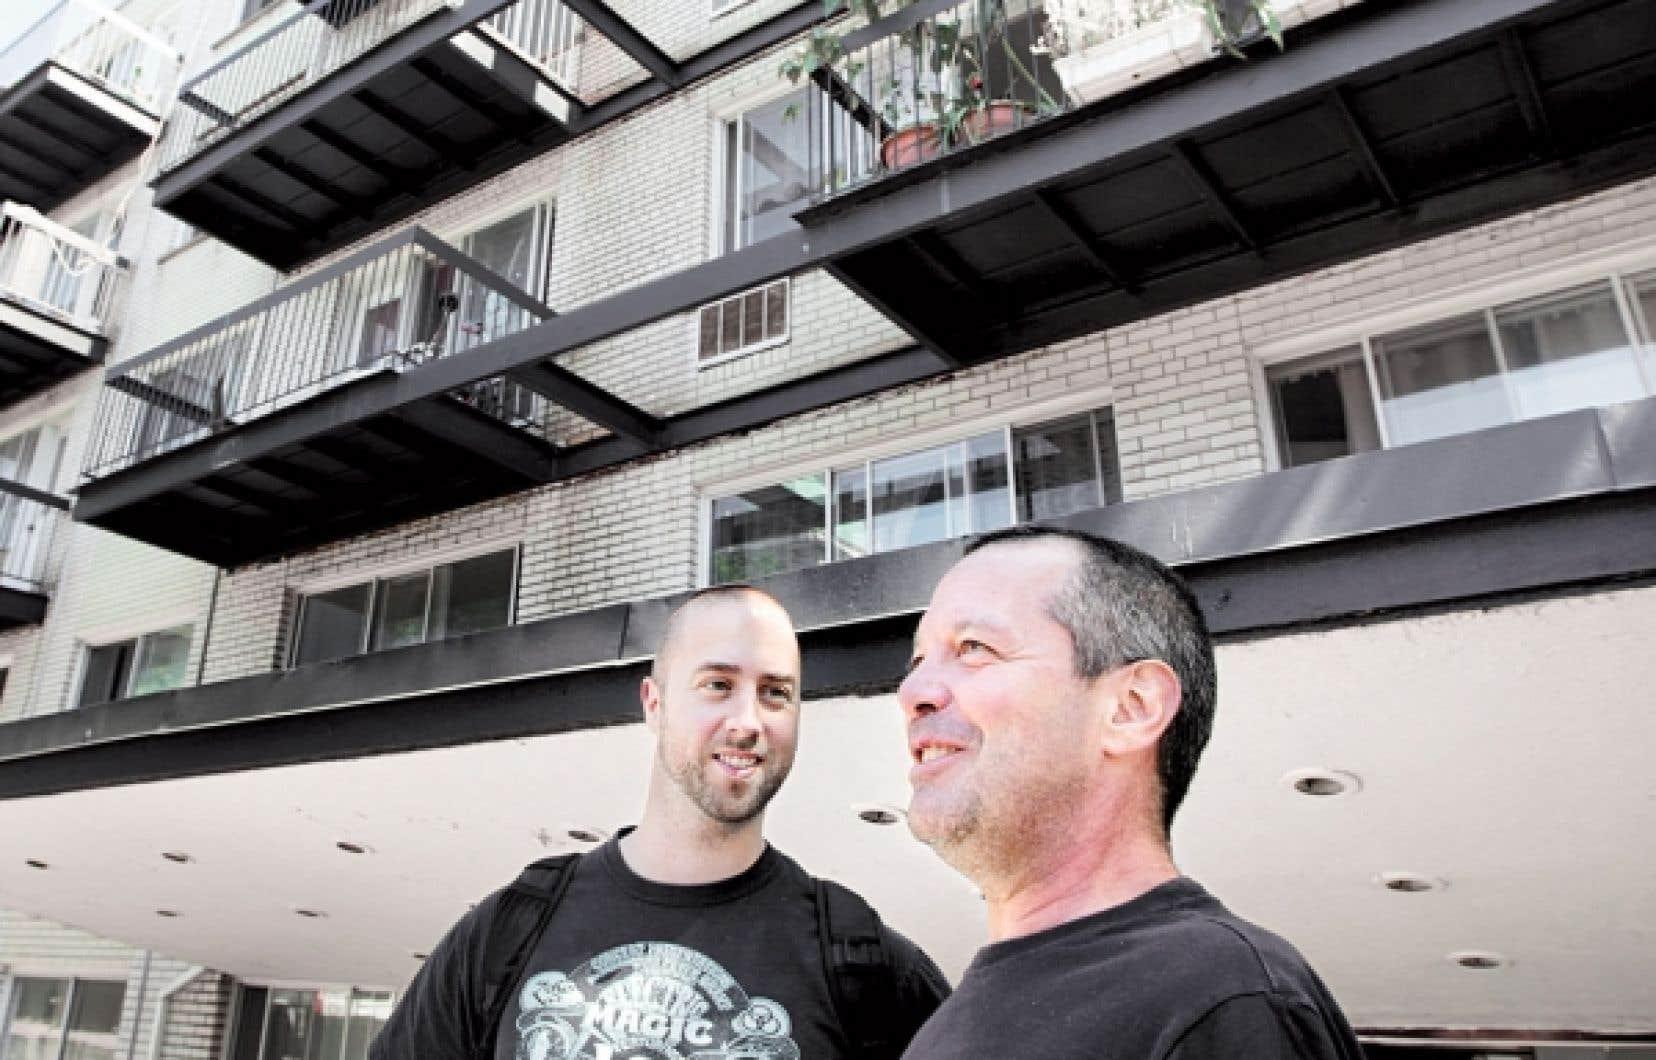 Alain, 50 ans, a été trois ans sans adresse avant que le projet Chez soi lui offre un toit. Aujourd'hui, il a toujours ses hauts et ses bas. Mais avec son nouveau logement et l'appui de son intervenant, Philippe, il arrive enfin à entrevoir l'avenir.